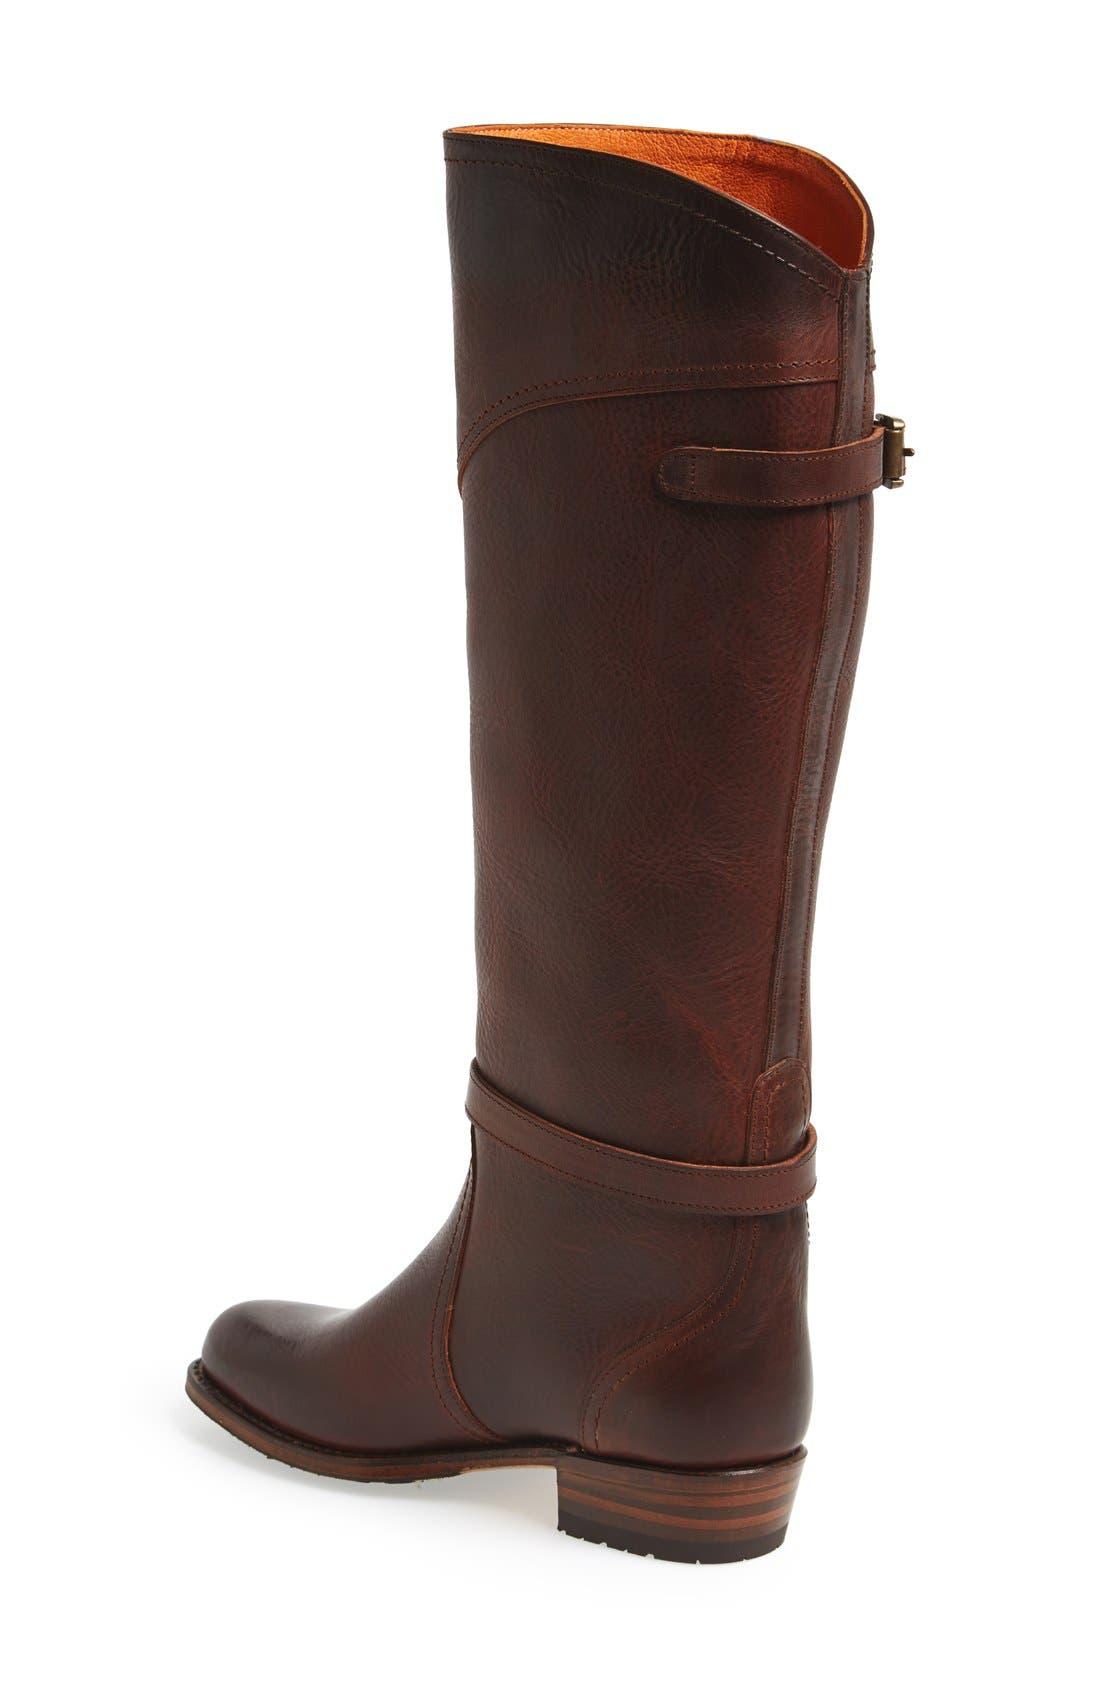 Alternate Image 2  - Frye 'Durado Lug' Riding Boot (Women)